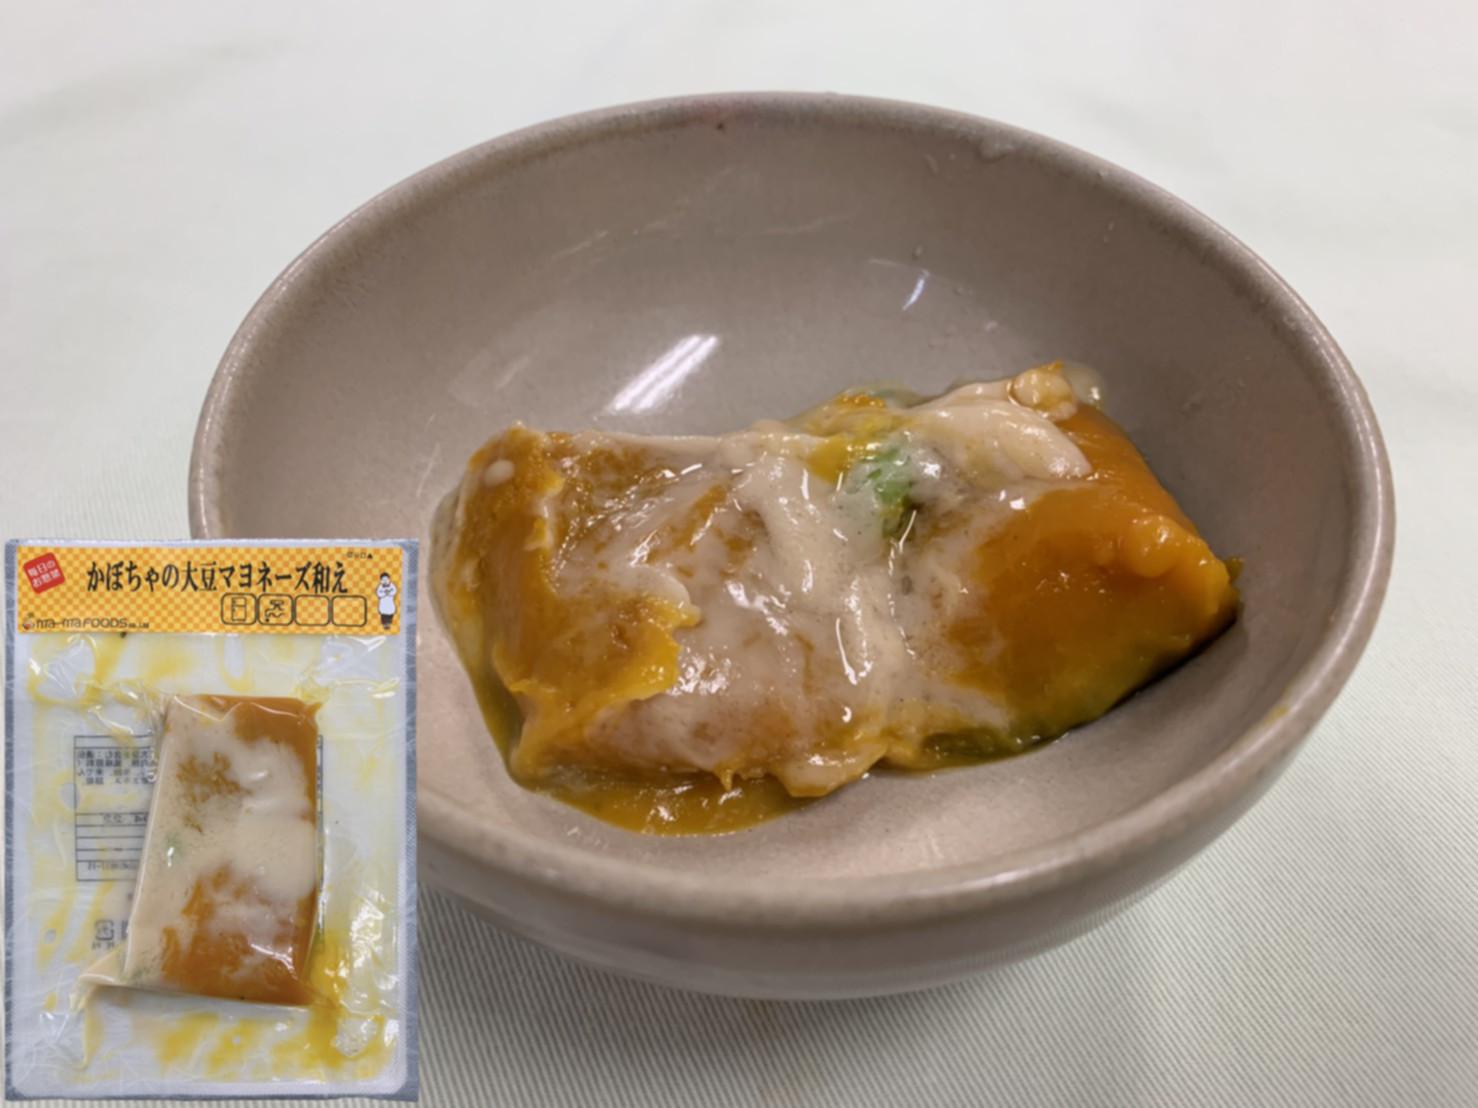 かぼちゃの大豆マヨネーズ和え